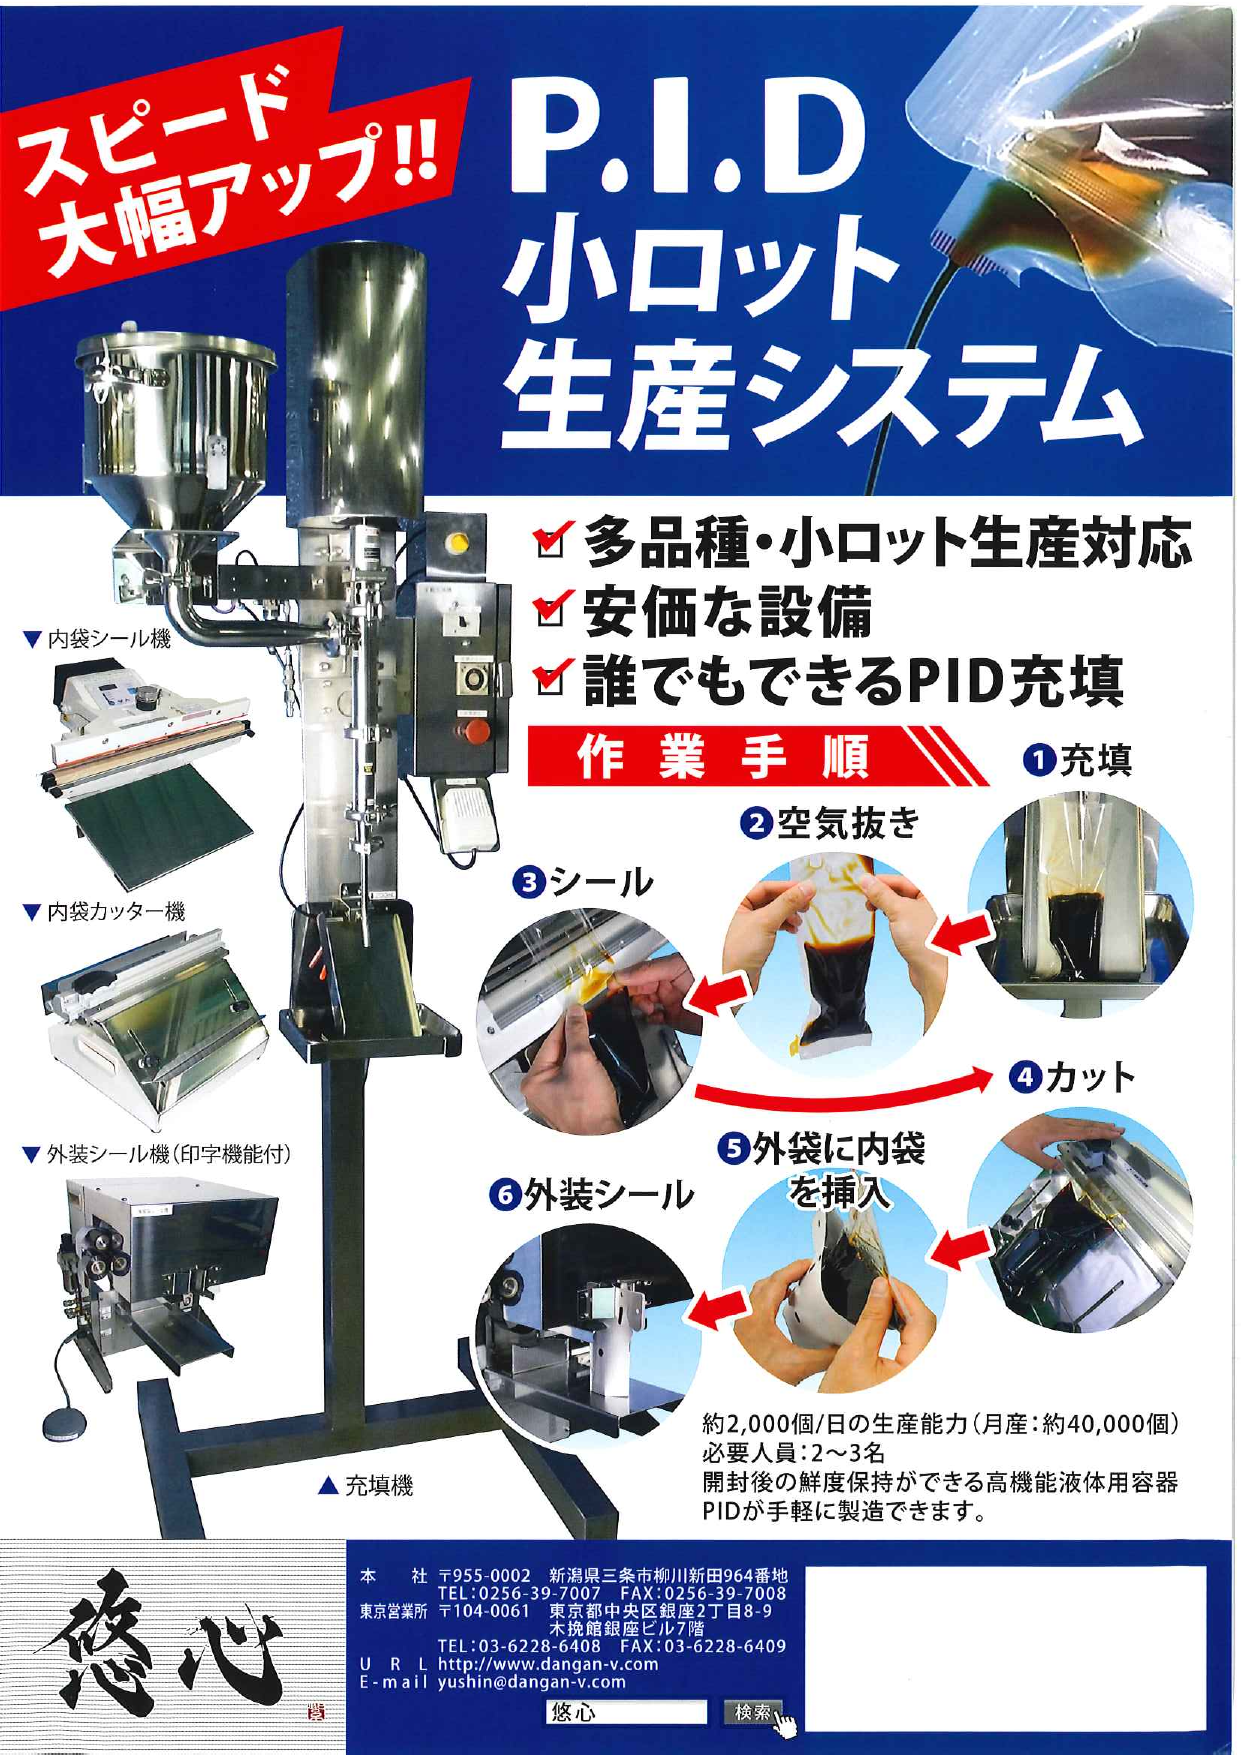 多種多様 P.I.D 小ロット生産システム